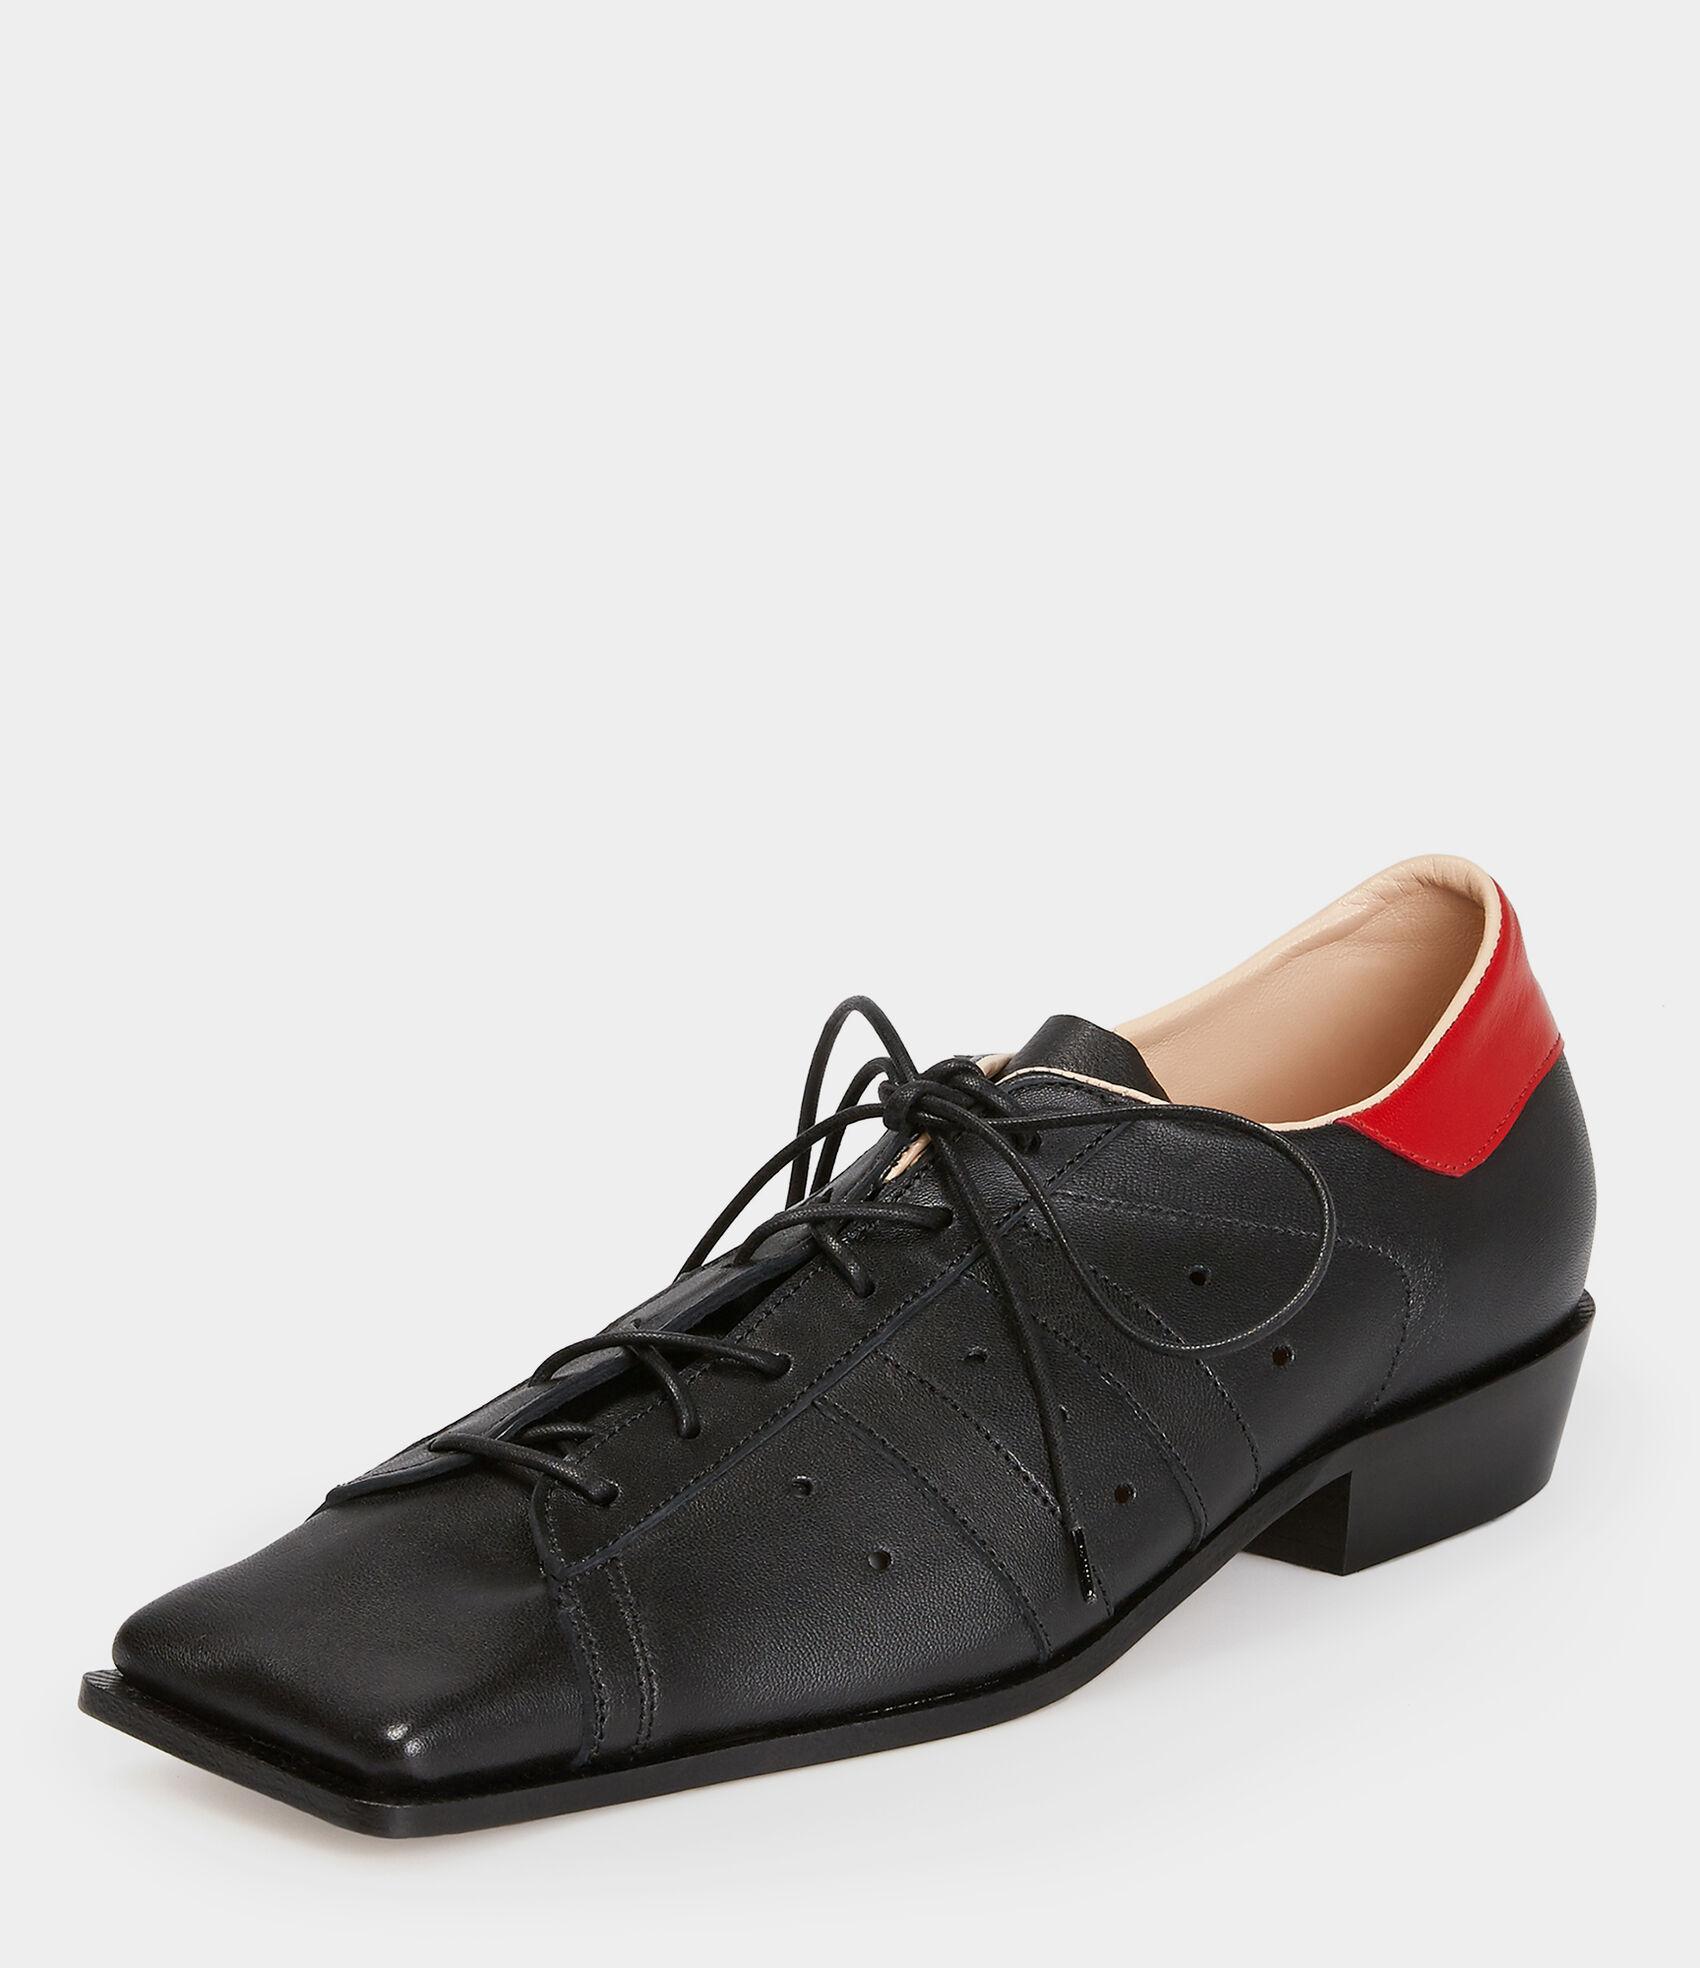 7bf23822d7 Hammerhead Trainer | Men's Lace Up Shoes Black | Vivienne ...